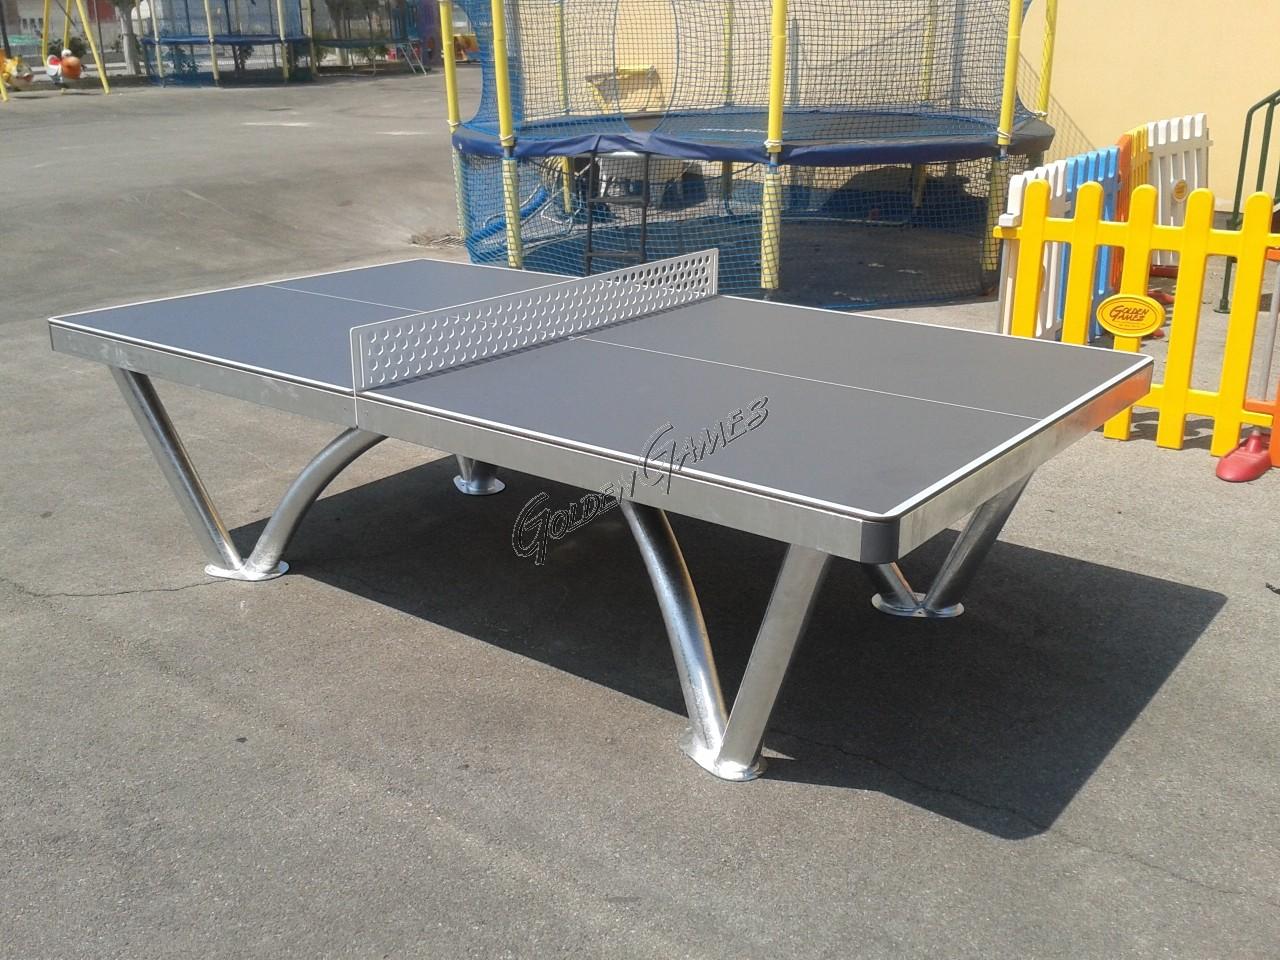 Tavolo ping pong da esterno park per aree pubbliche - Tavolo da ping pong decathlon prezzi ...